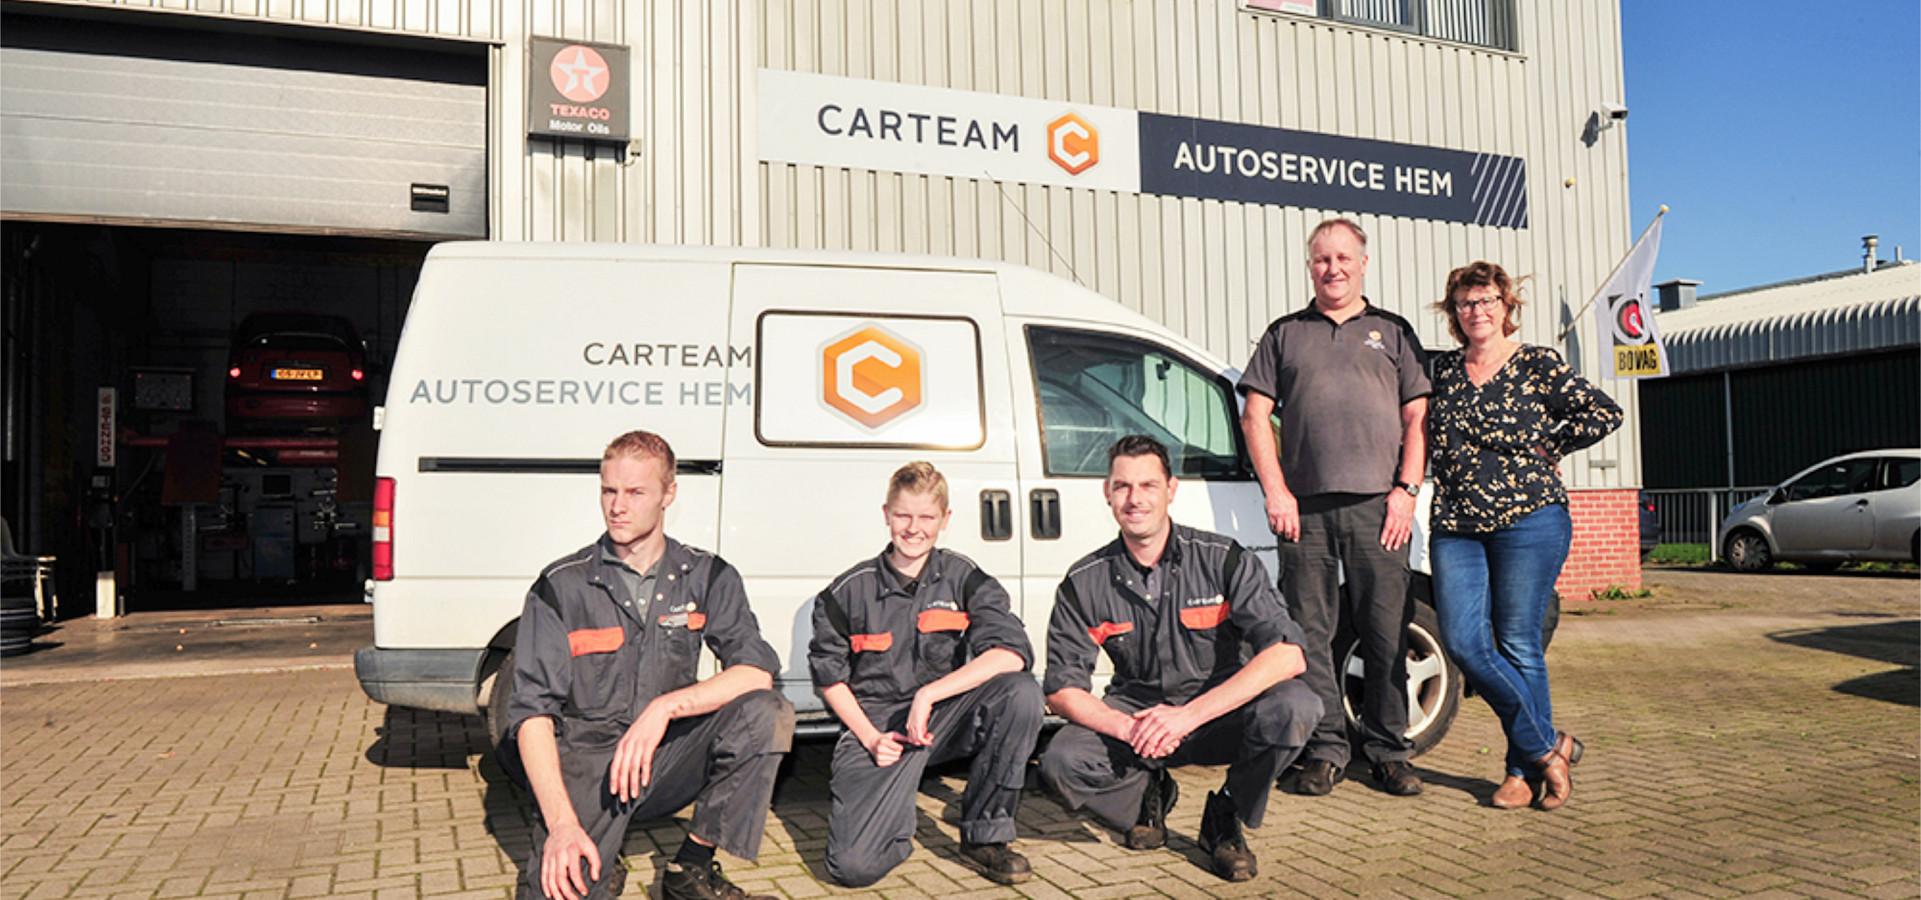 Carteam Autoservice Hem